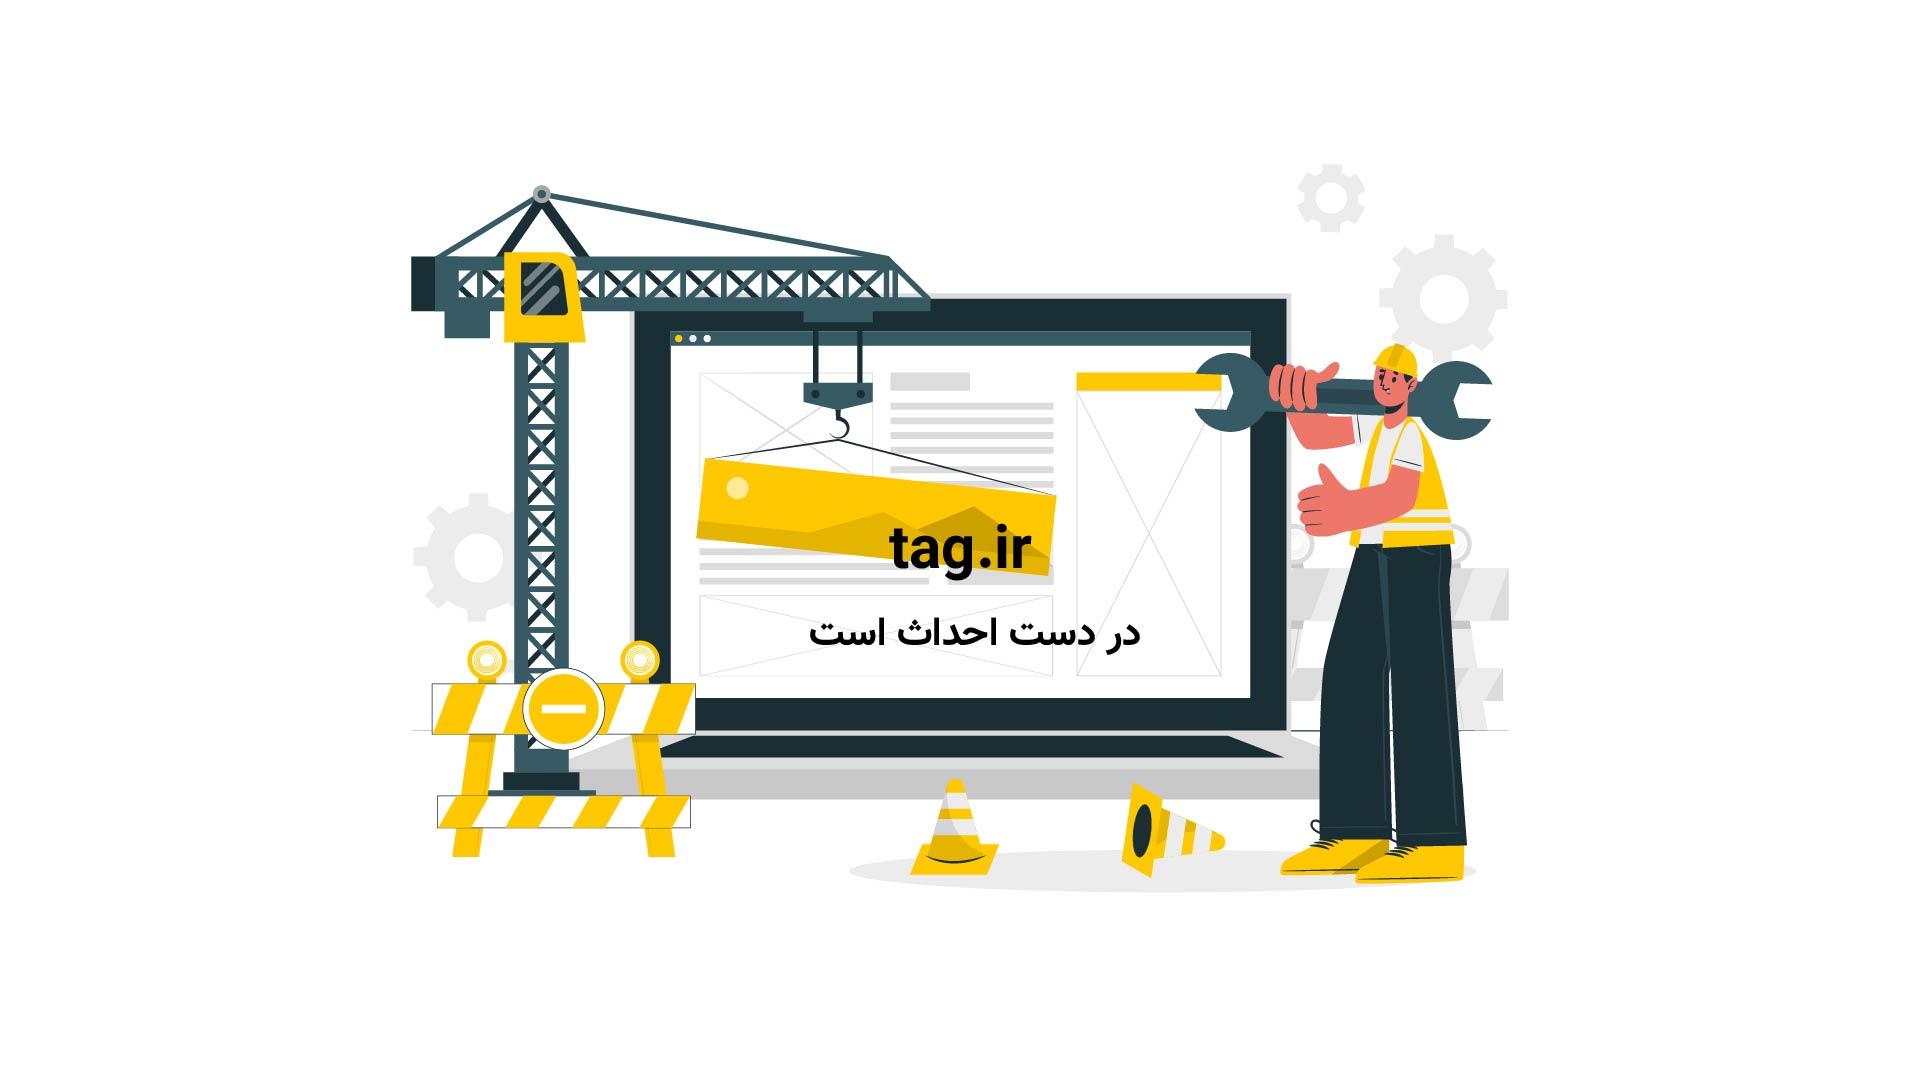 سلام بر حسین اربعین حاج محمود کریمی   تگ